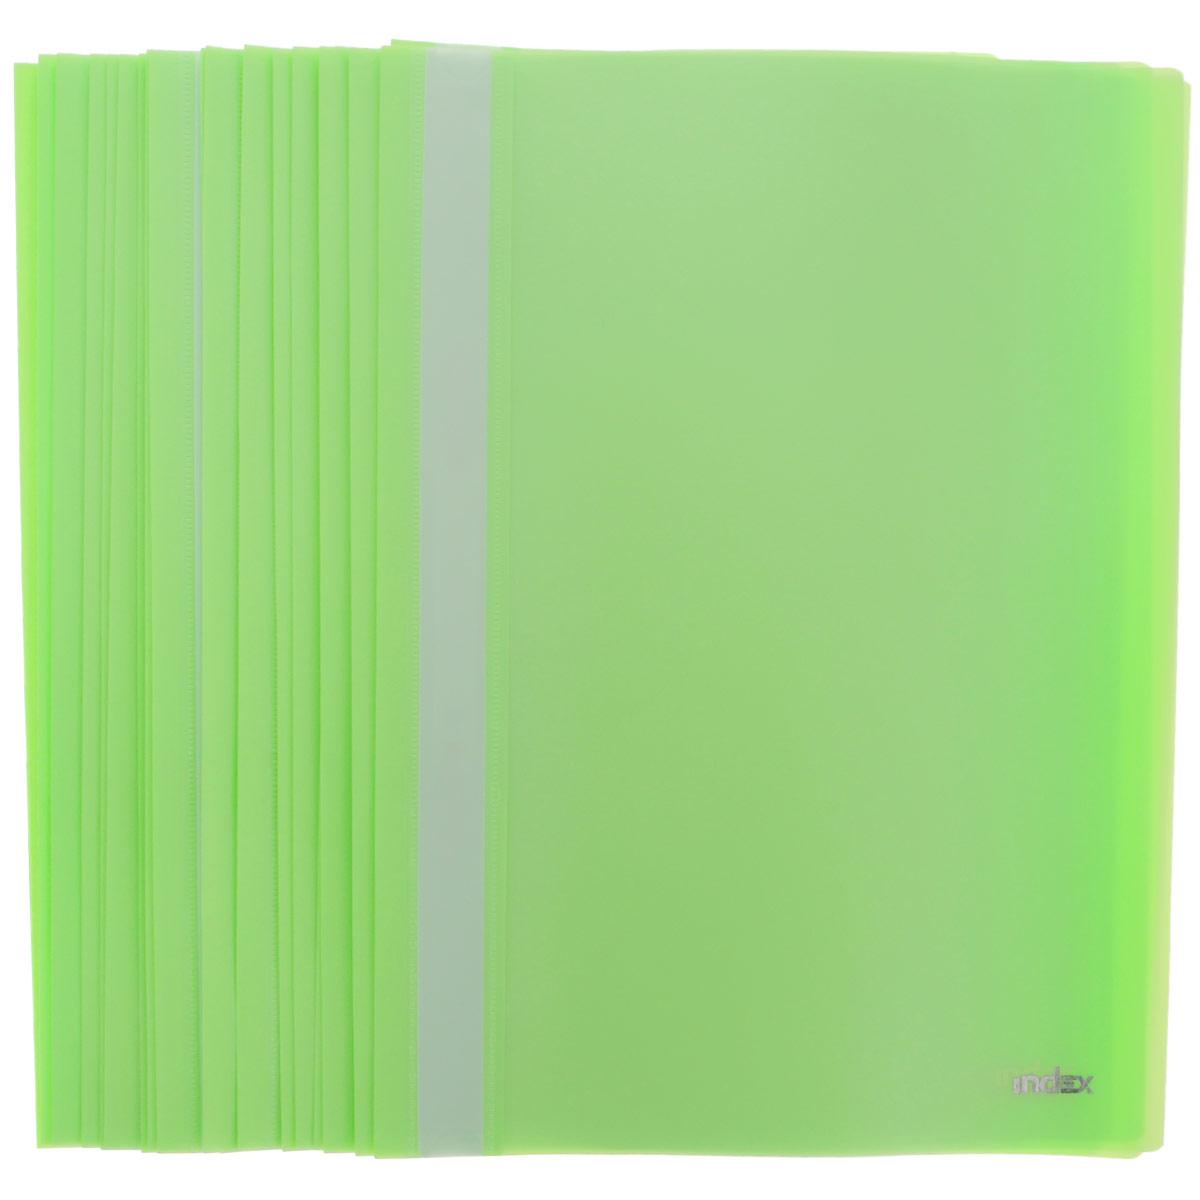 Папка-скоросшиватель Index, цвет: салатовый. Формат А4, 20 шт80027сини/прозрачнПапка-скоросшиватель Index, изготовленная из высококачественного полипропилена, это удобный и практичный офисный инструмент, предназначенный для хранения и транспортировки рабочих бумаг и документов формата А4. Папка оснащена верхним прозрачным матовым листом и металлическим зажимом внутри для надежного удержания бумаг. В наборе - 20 папок.Папка-скоросшиватель - это незаменимый атрибут для студента, школьника, офисного работника. Такая папка надежно сохранит ваши документы и сбережет их от повреждений, пыли и влаги.Комплектация: 20 шт.